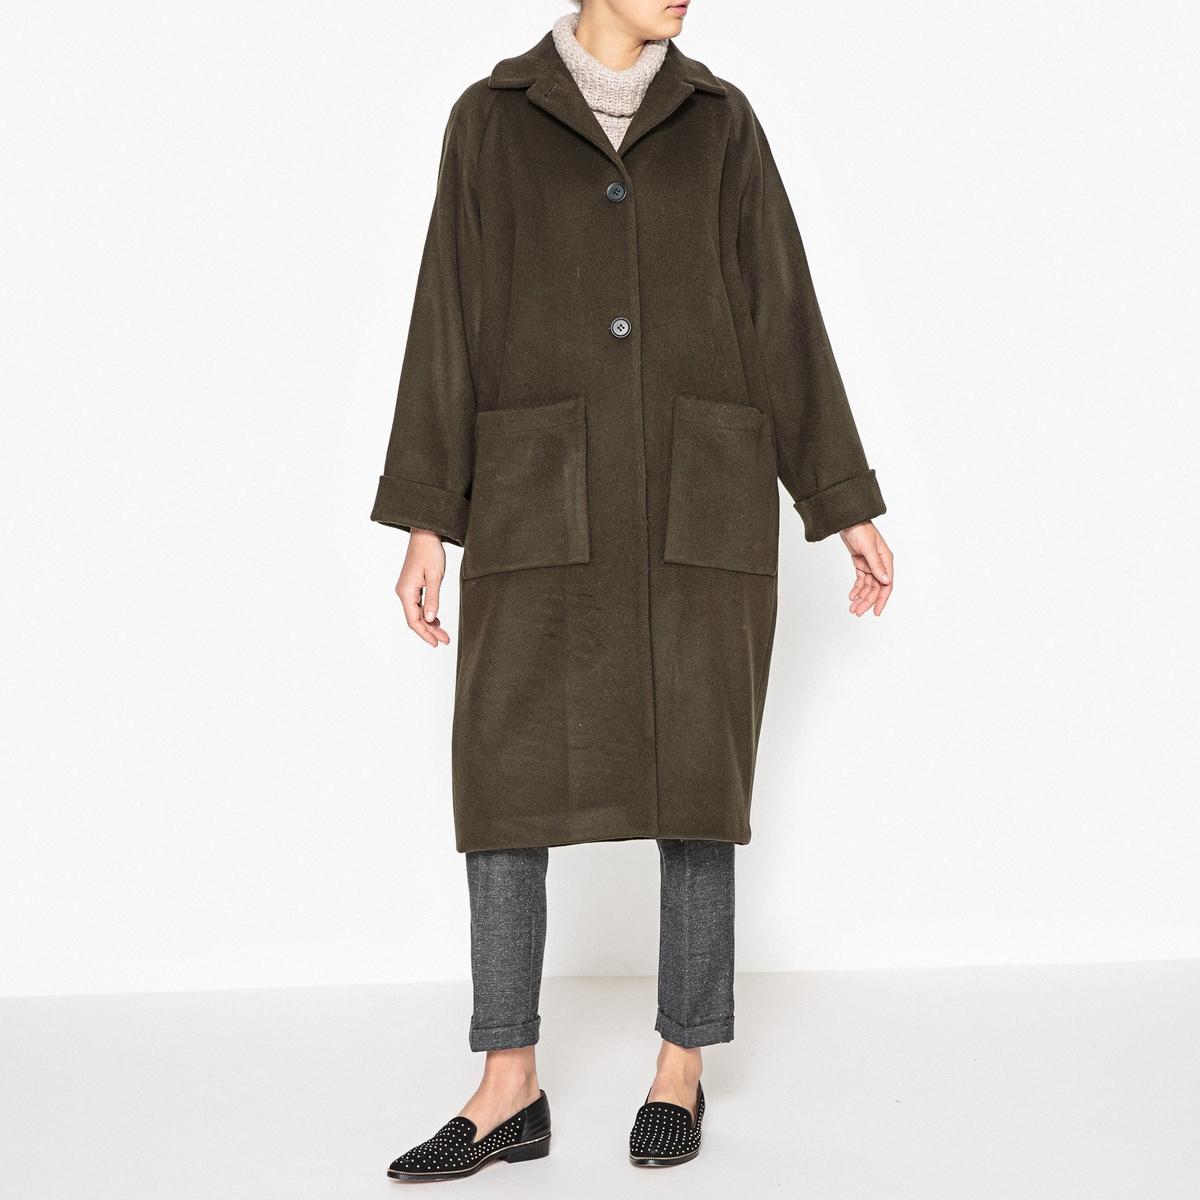 Пальто длинное ASTORОписание:Пальто MARGAUX LONNBERG - модель ASTOR c крупными карманами, которые подчеркивают свободный покрой.Детали •  Длина : удлиненная модель •  Воротник-поло, рубашечный  • Застежка на пуговицыСостав и уход •  70% шерсти, 10% кашемира, 20% полиамида •  Следуйте советам по уходу, указанным на этикетке<br><br>Цвет: хаки<br>Размер: 34 (FR) - 40 (RUS)